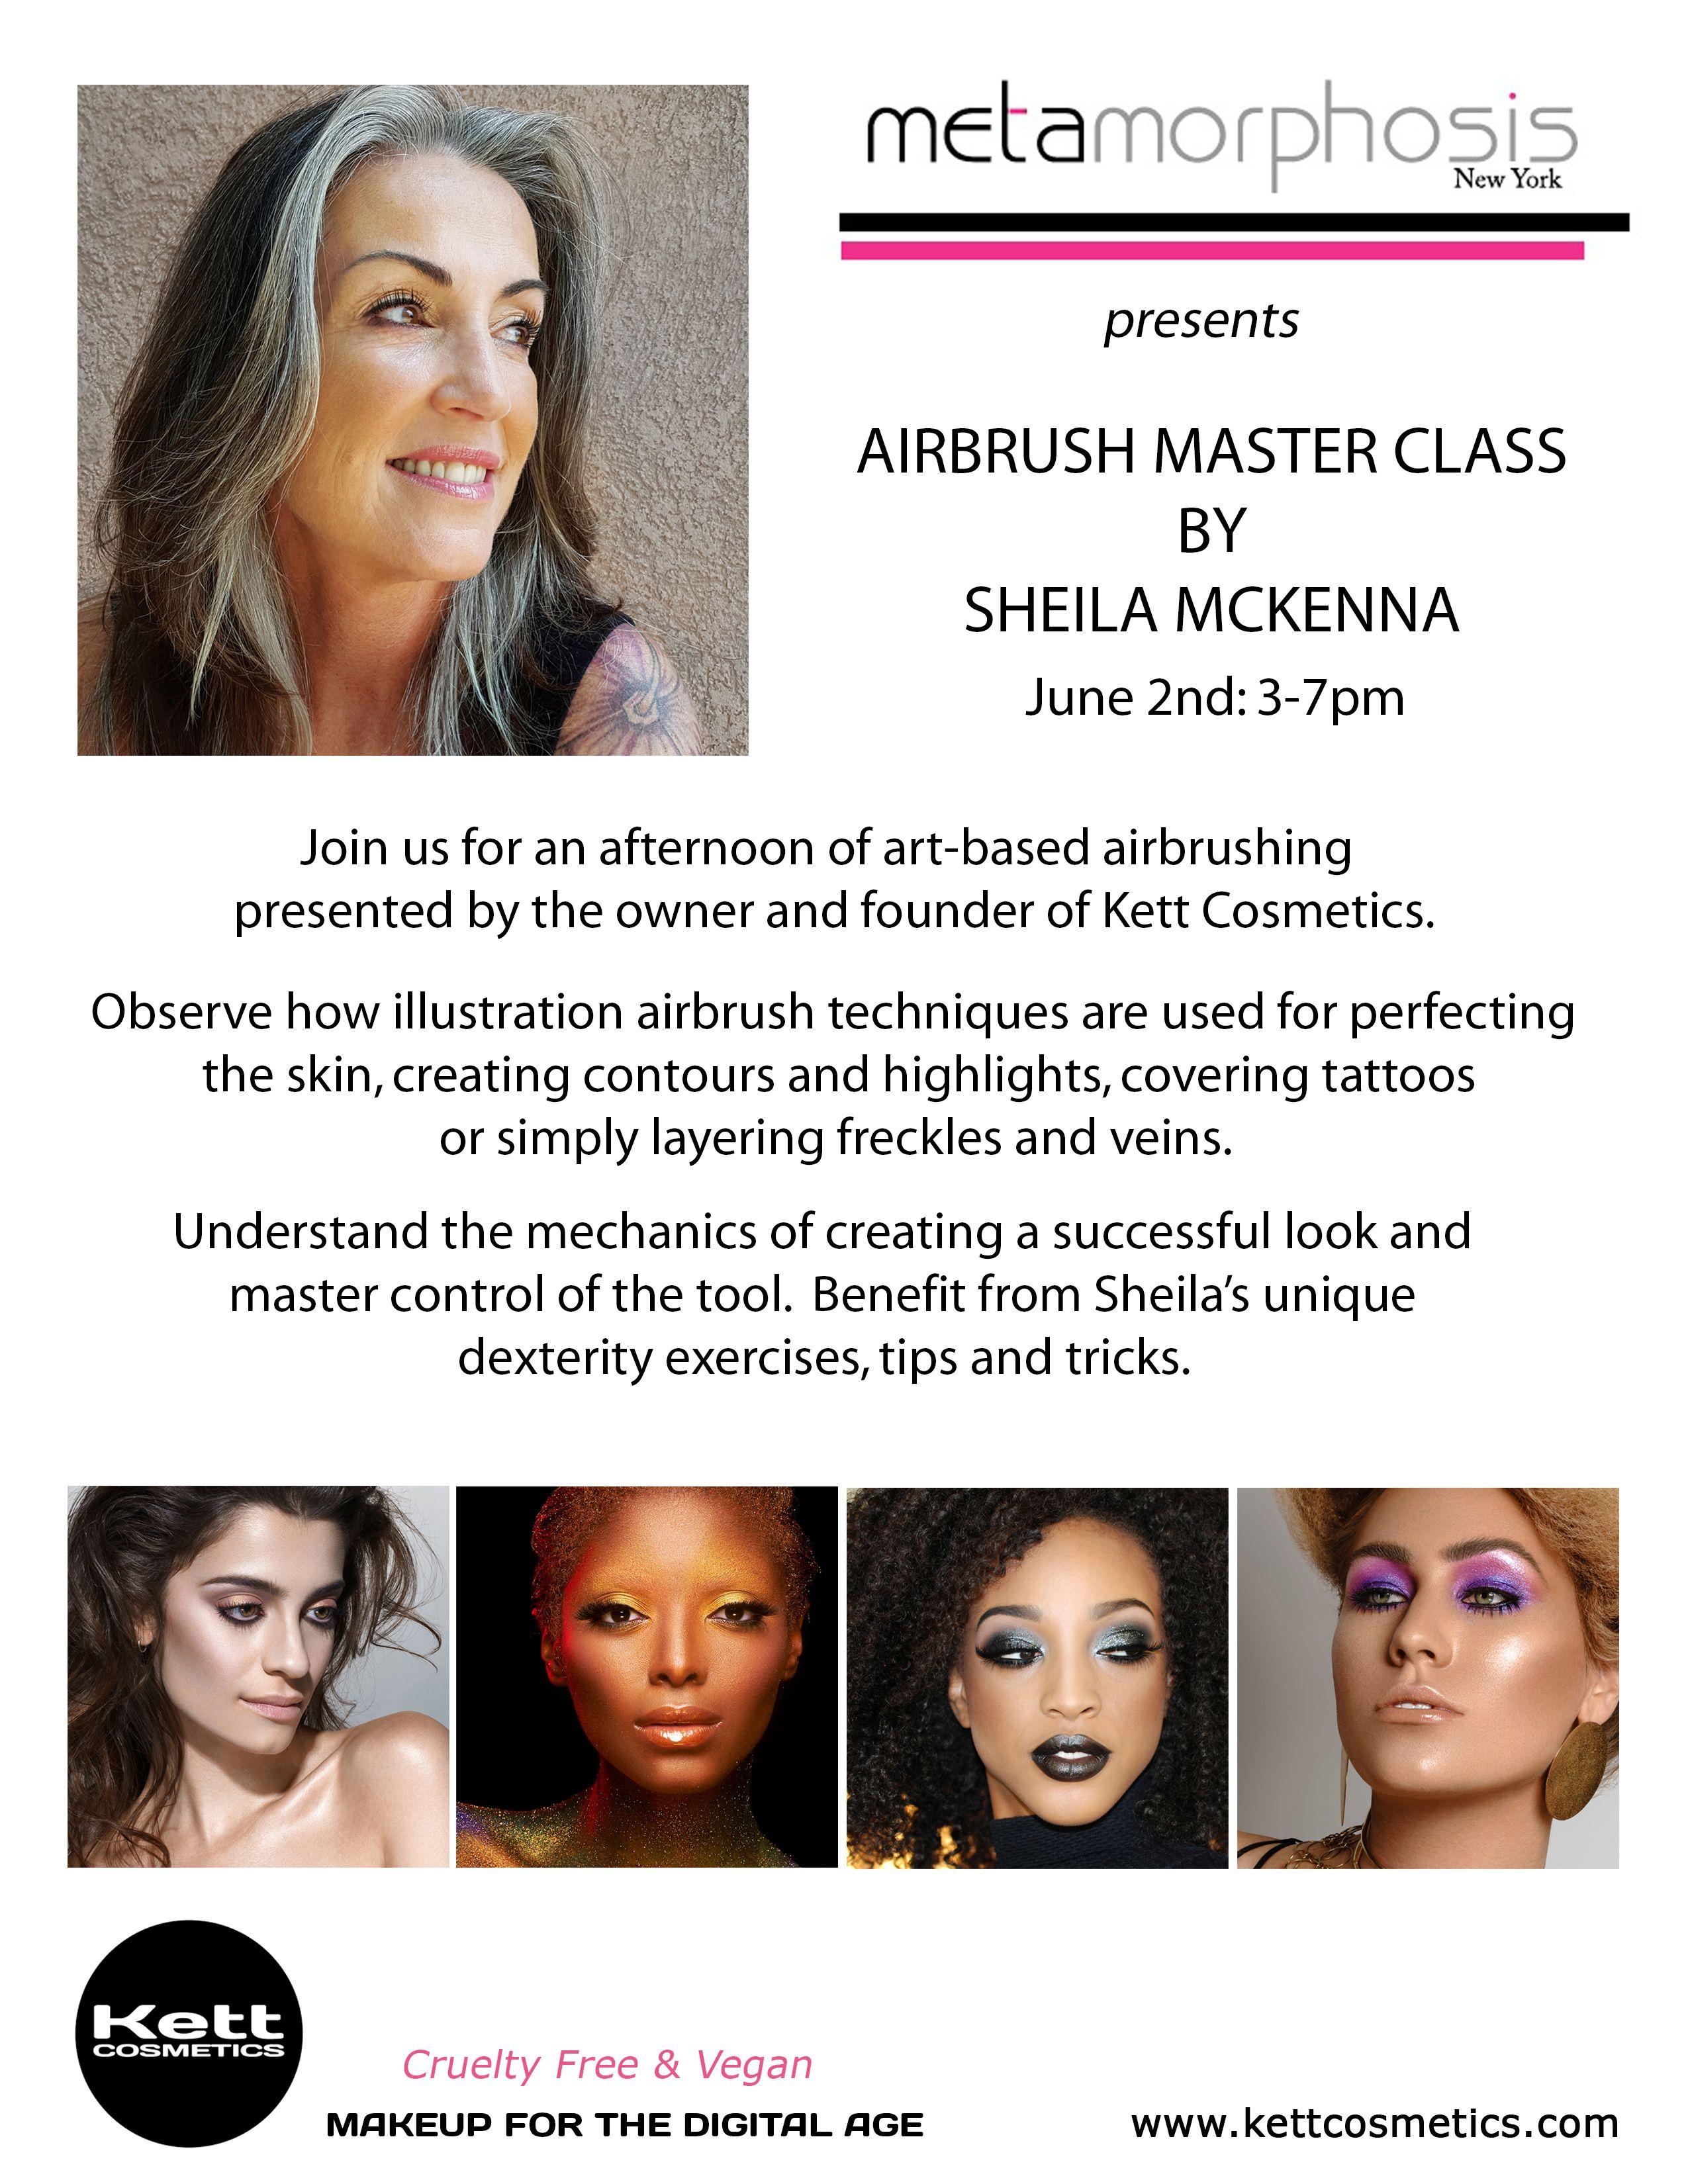 Airbrush Master Class At Metamorphosis Makeup Class Makeup Workshop Contouring And Highlighting